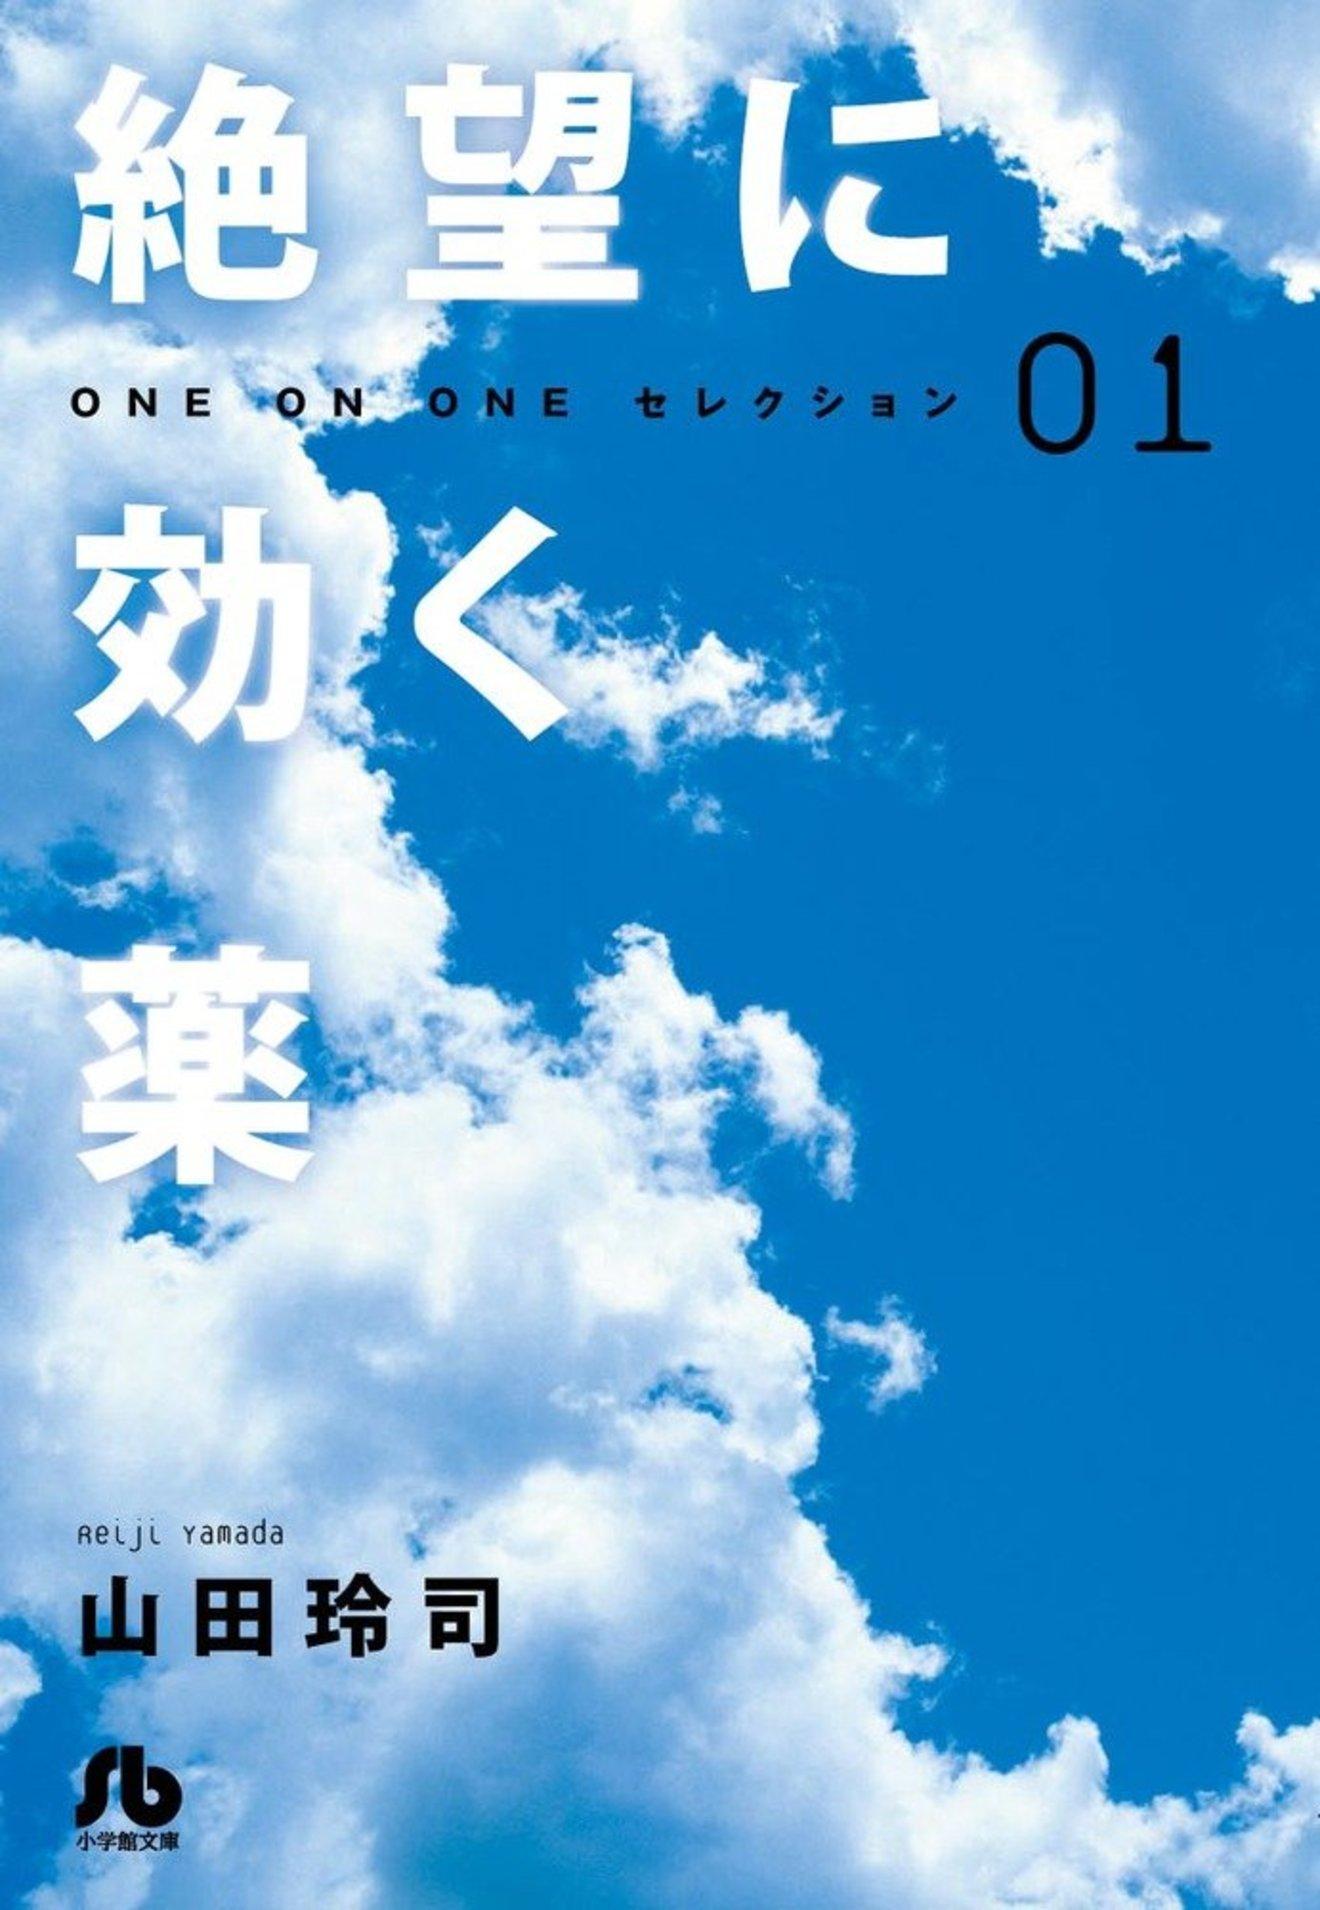 山田玲司おすすめ漫画ランキングベスト5!死にたくなったら『絶薬』を読め!